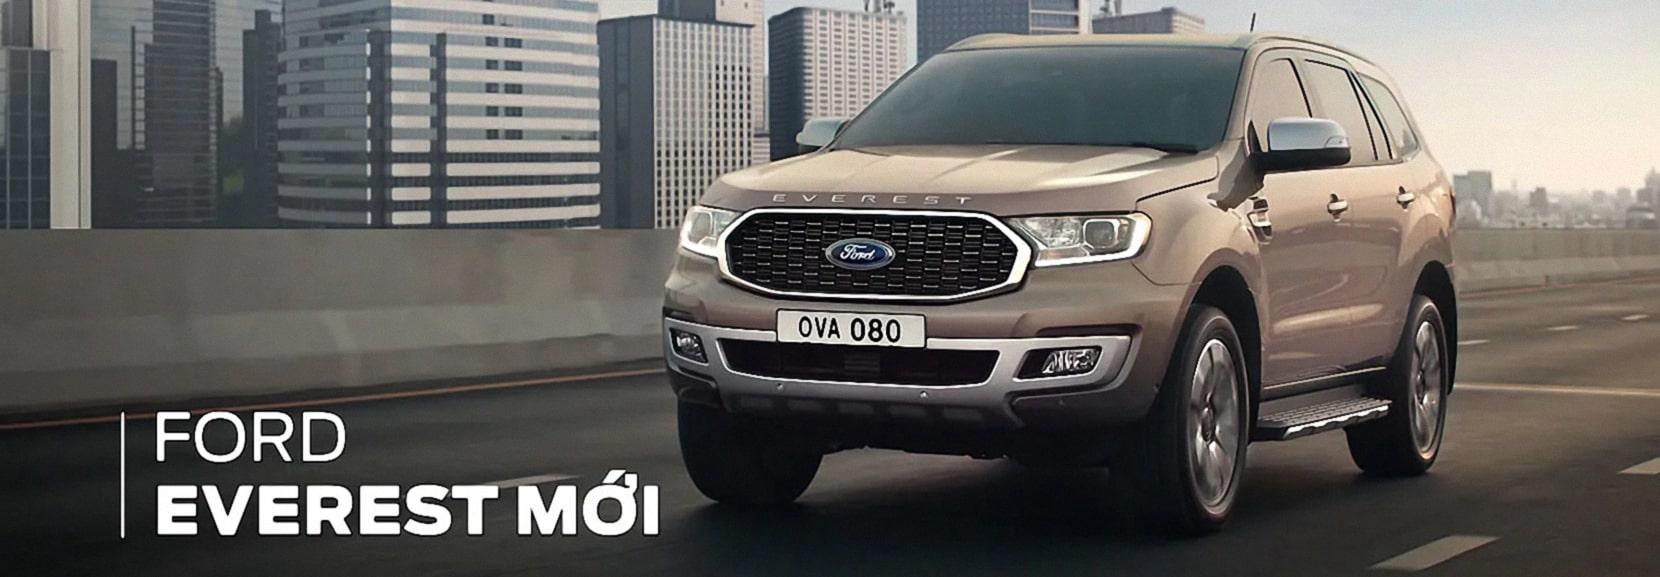 Ford Everest 2021 - Đẳng cấp Mỹ